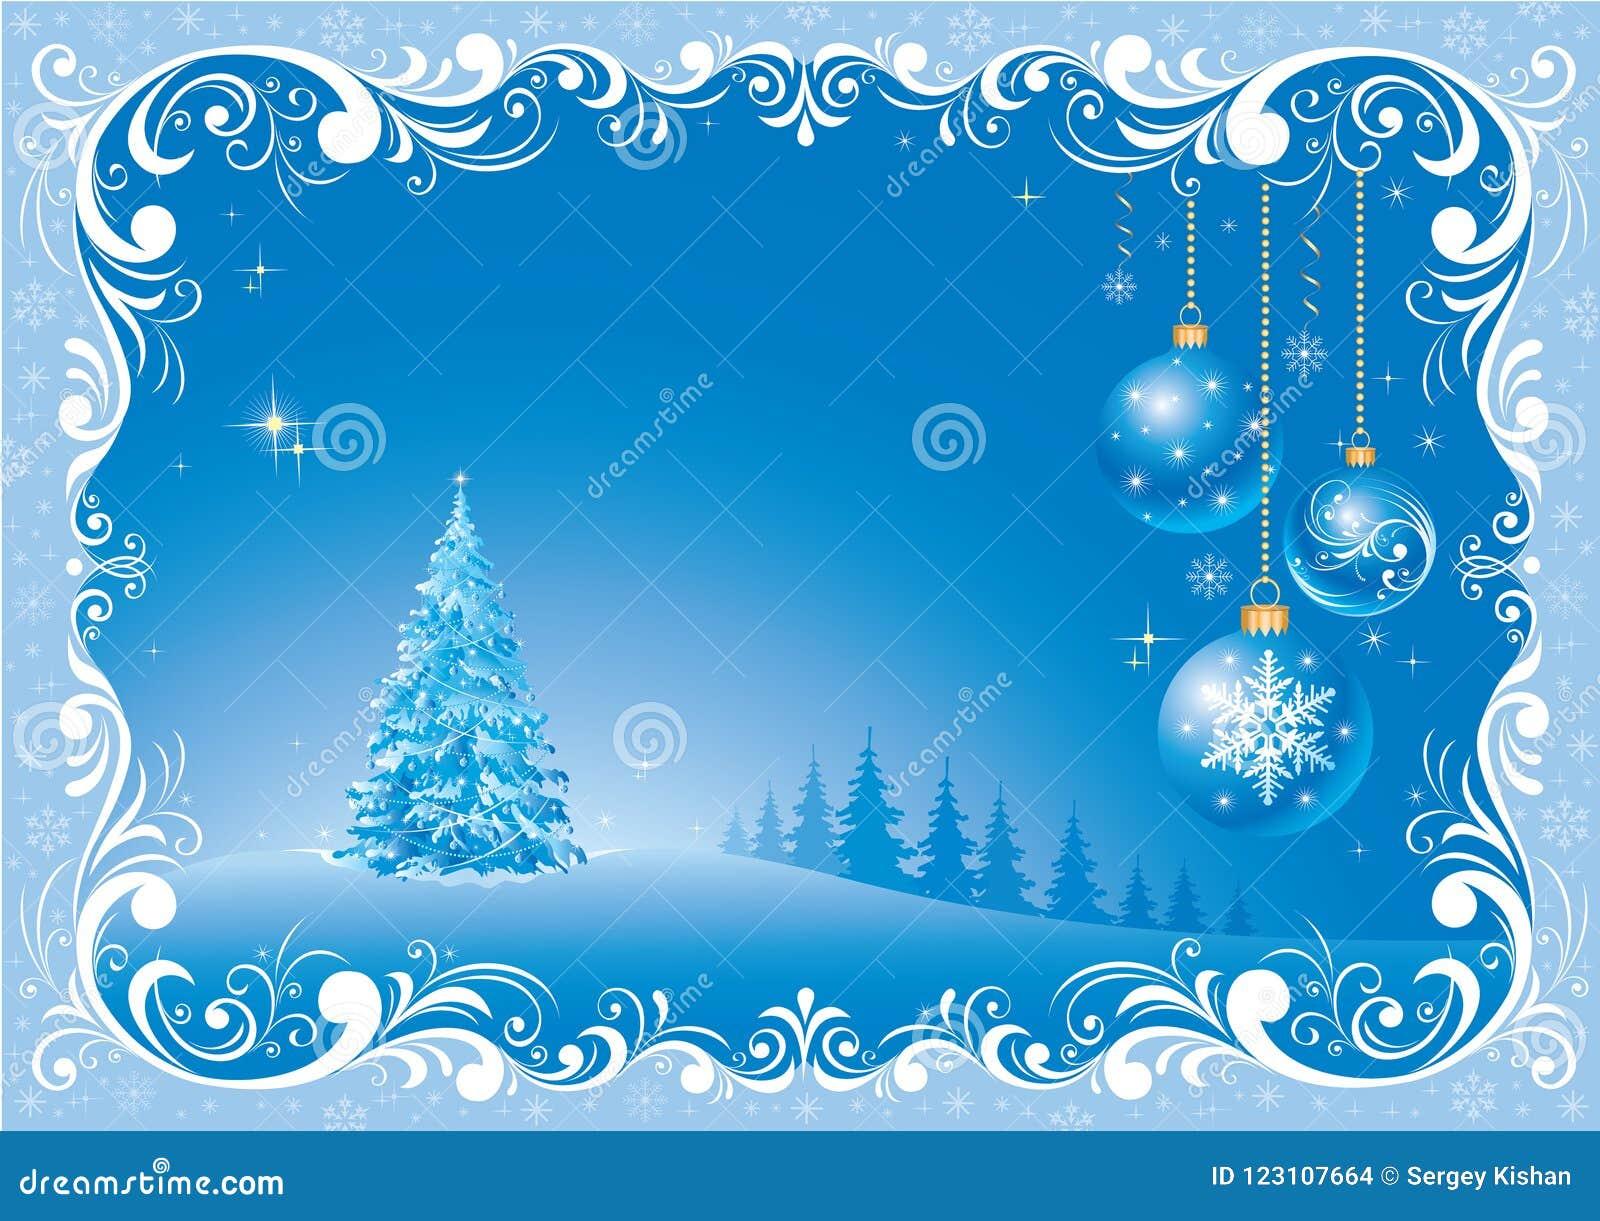 Imagenes De Navidad 2019.Arbol De Navidad 2019 En Un Fondo Azul En Un Marco Con Un